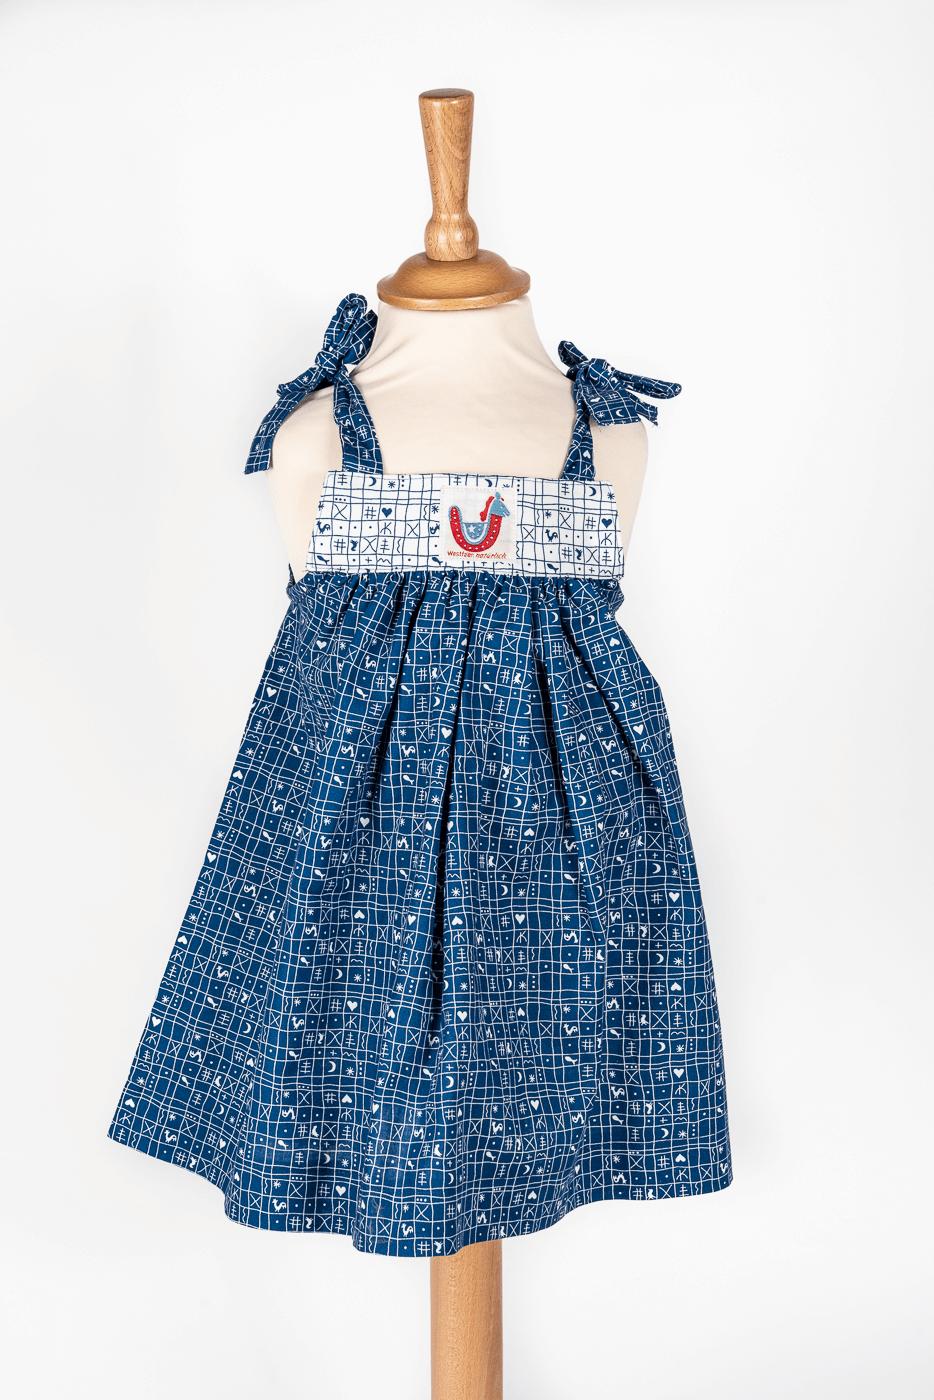 Kleid-Pia aus Westfalenstoffen